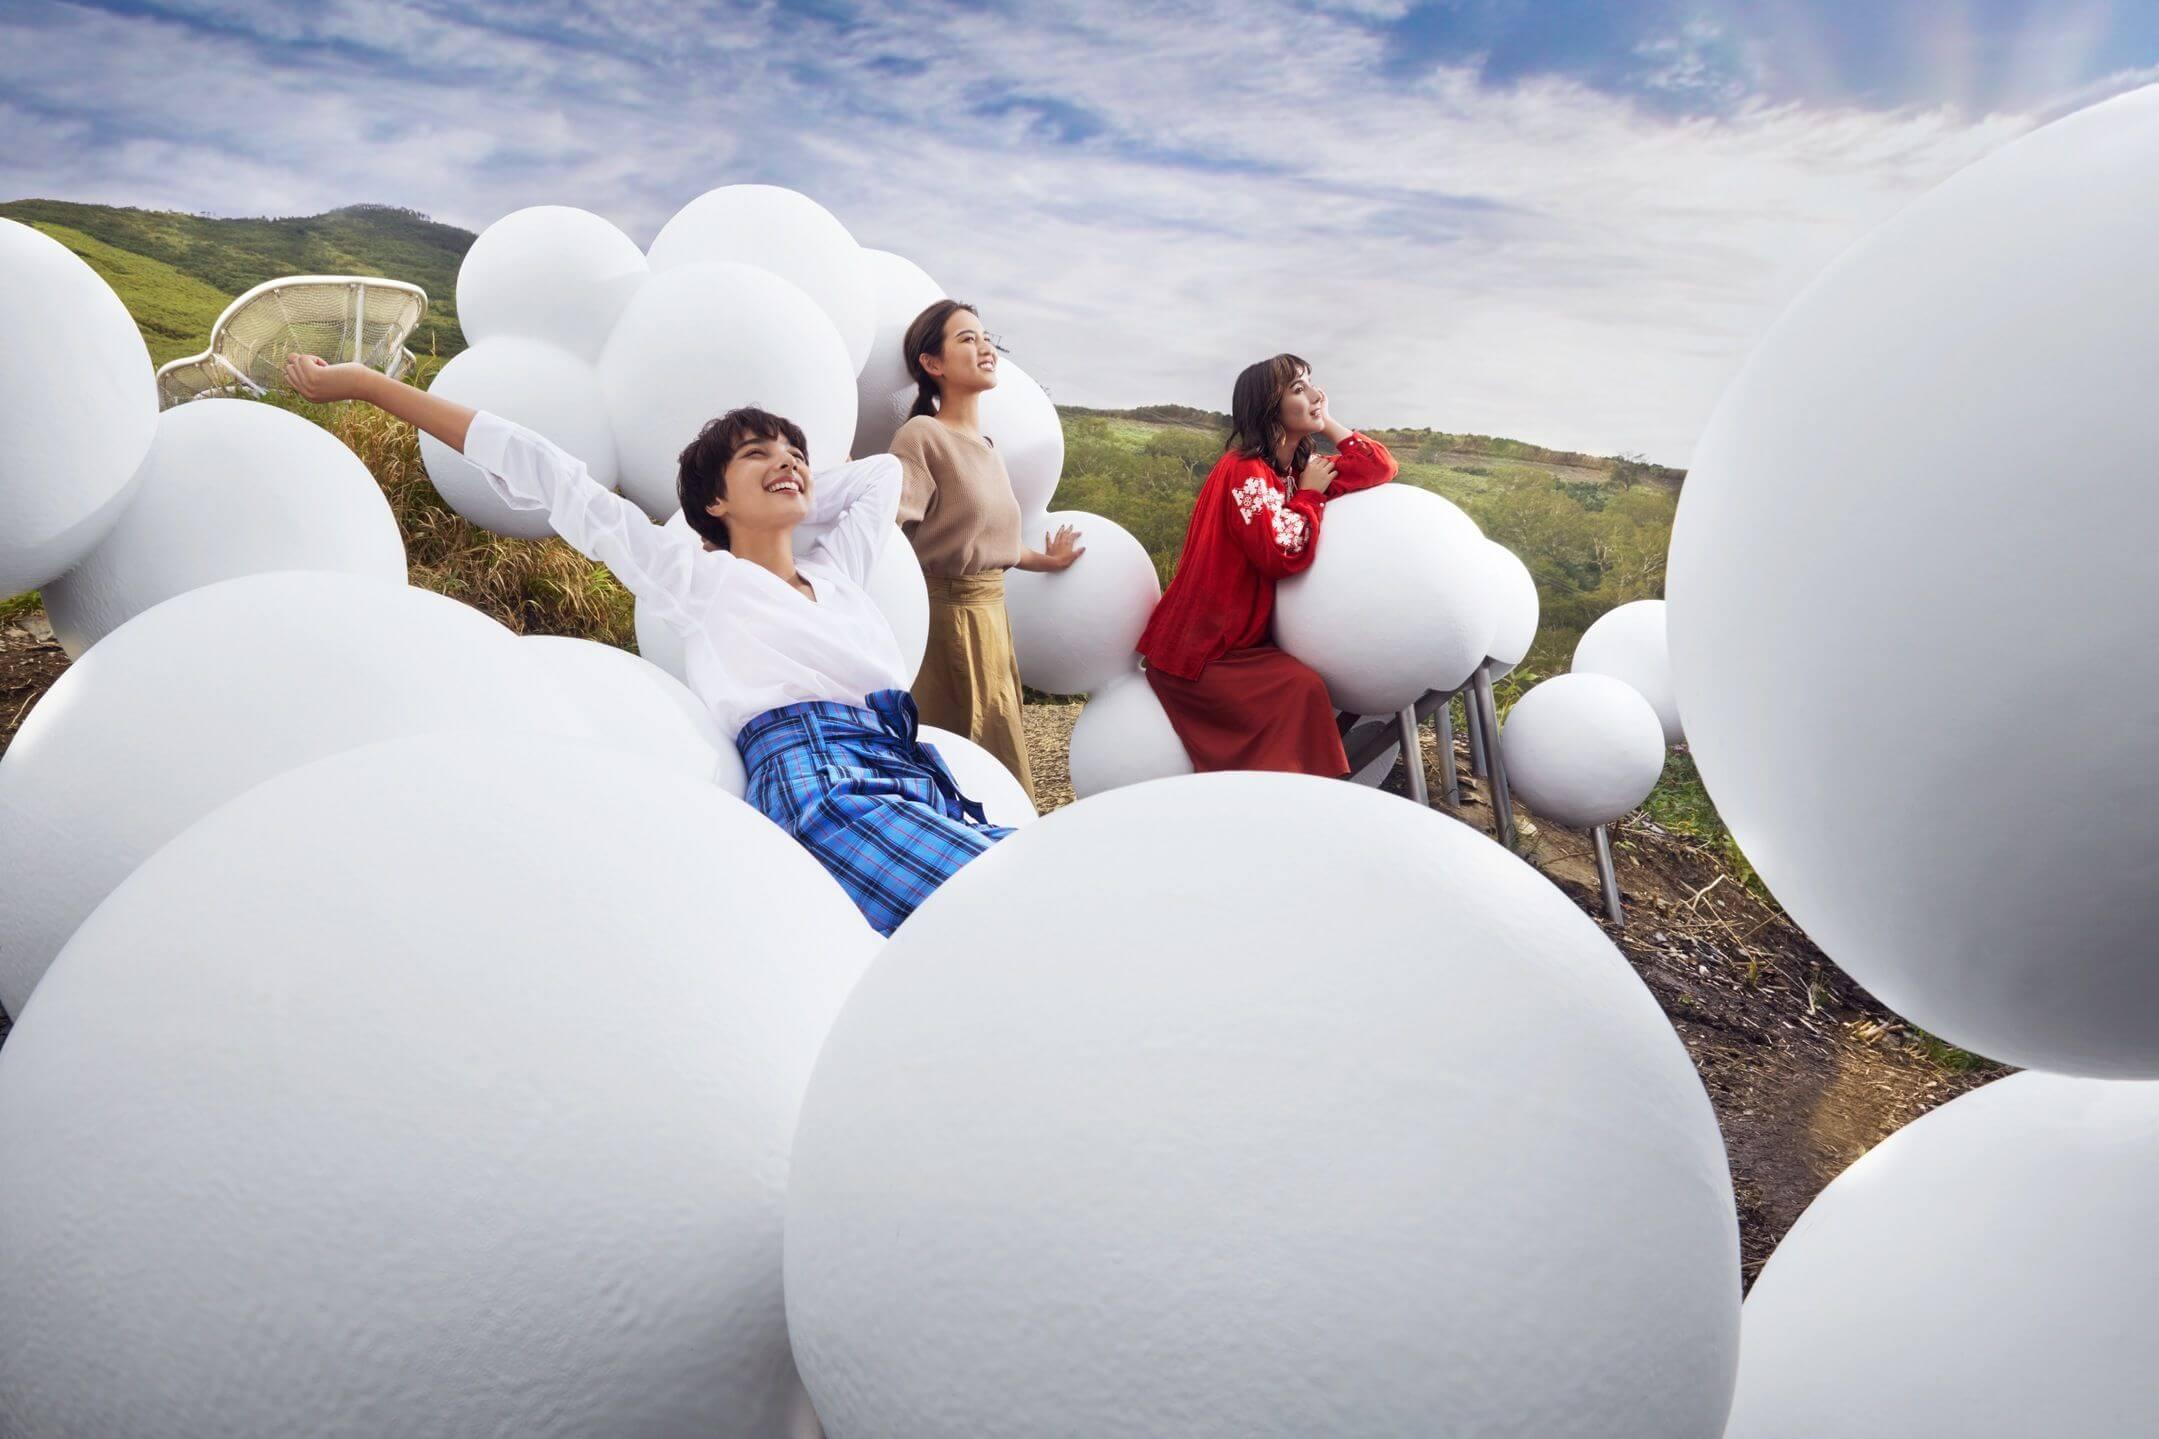 北海道星野TOMAMU度假村推出能夠欣賞到雲海的觀景台「Cloud Bed」登場 星野集團、